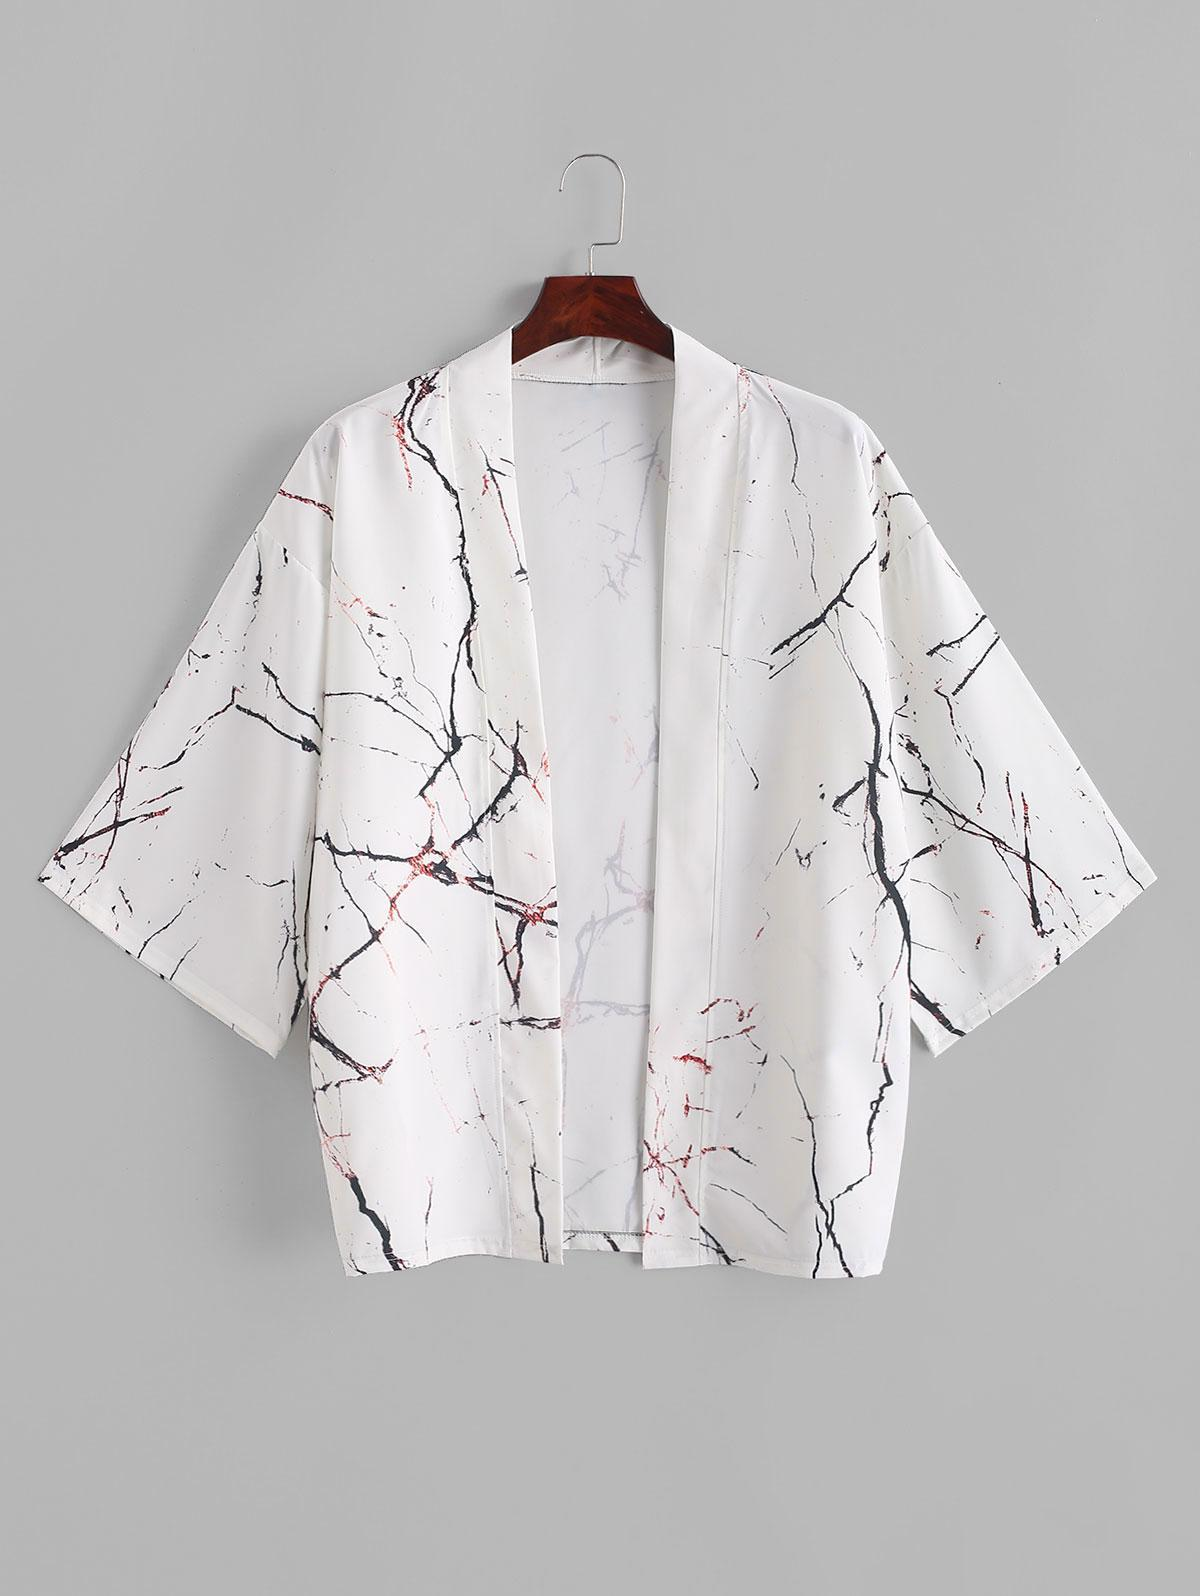 Marmo Grano Stampa Frontale Aperto Kimono Cardigan